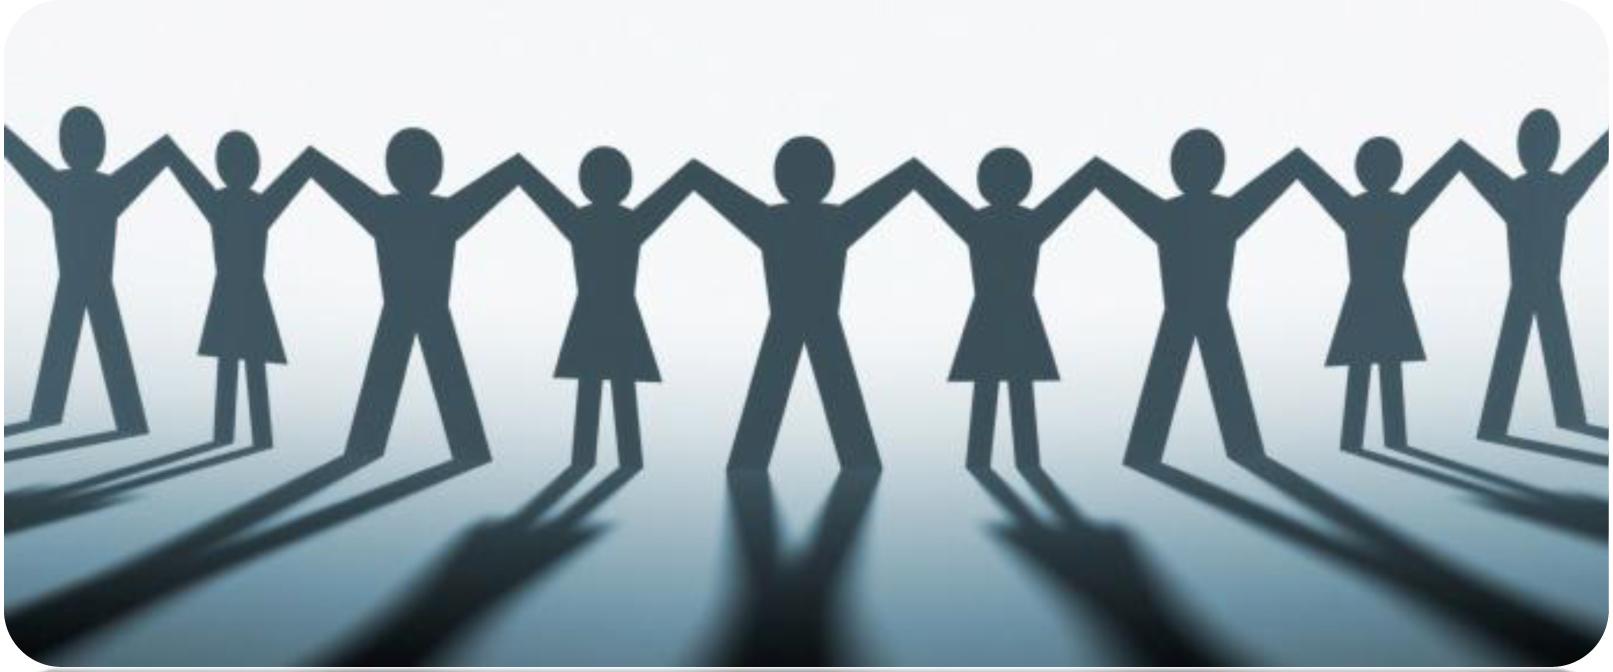 community panel your voice your launceston